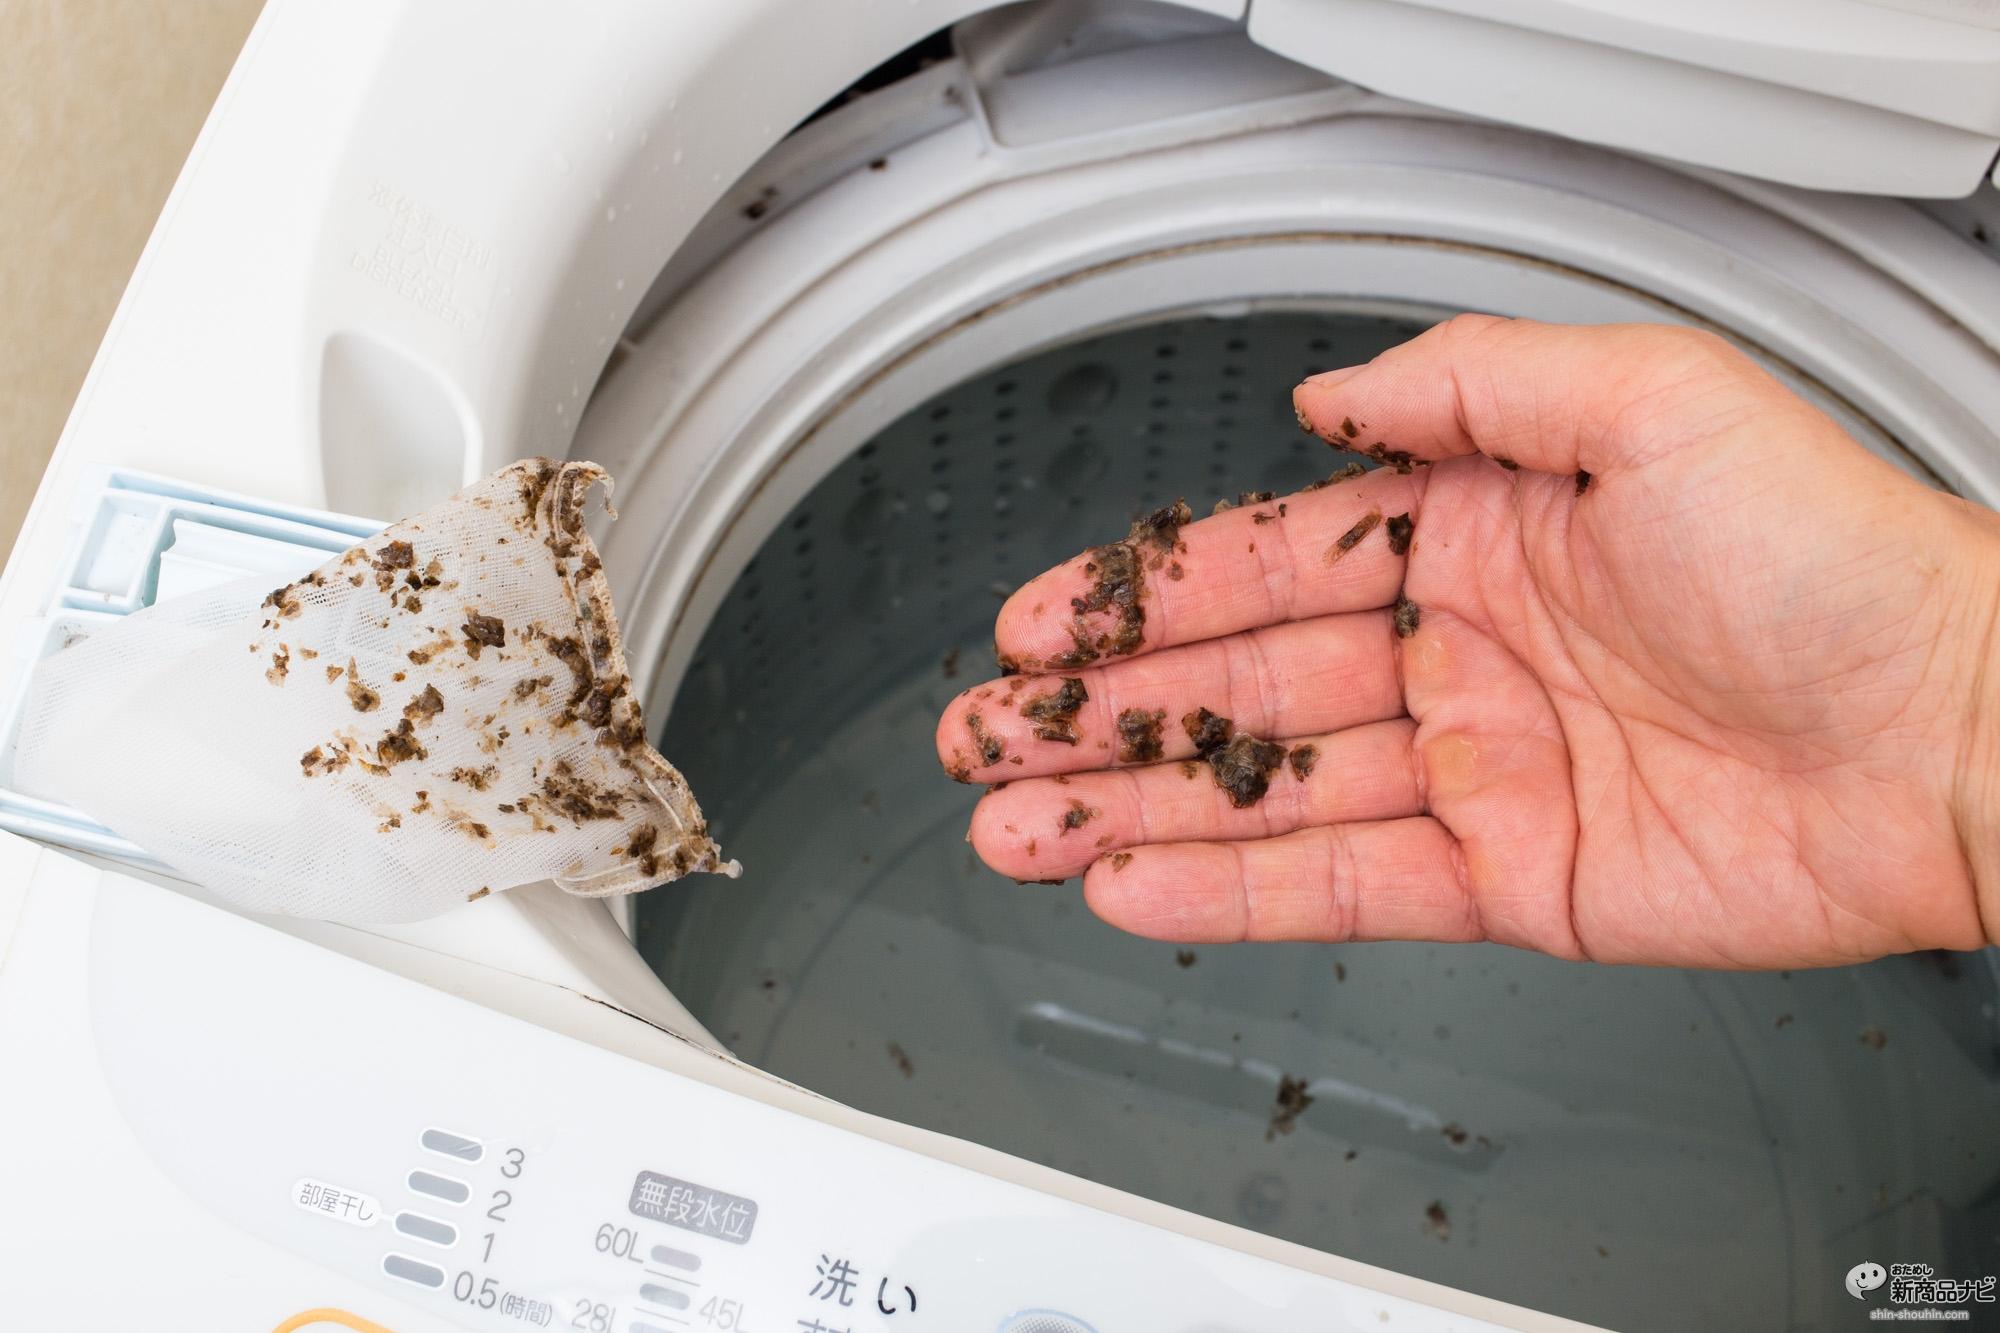 過 炭酸 ナトリウム 洗濯 槽 危険